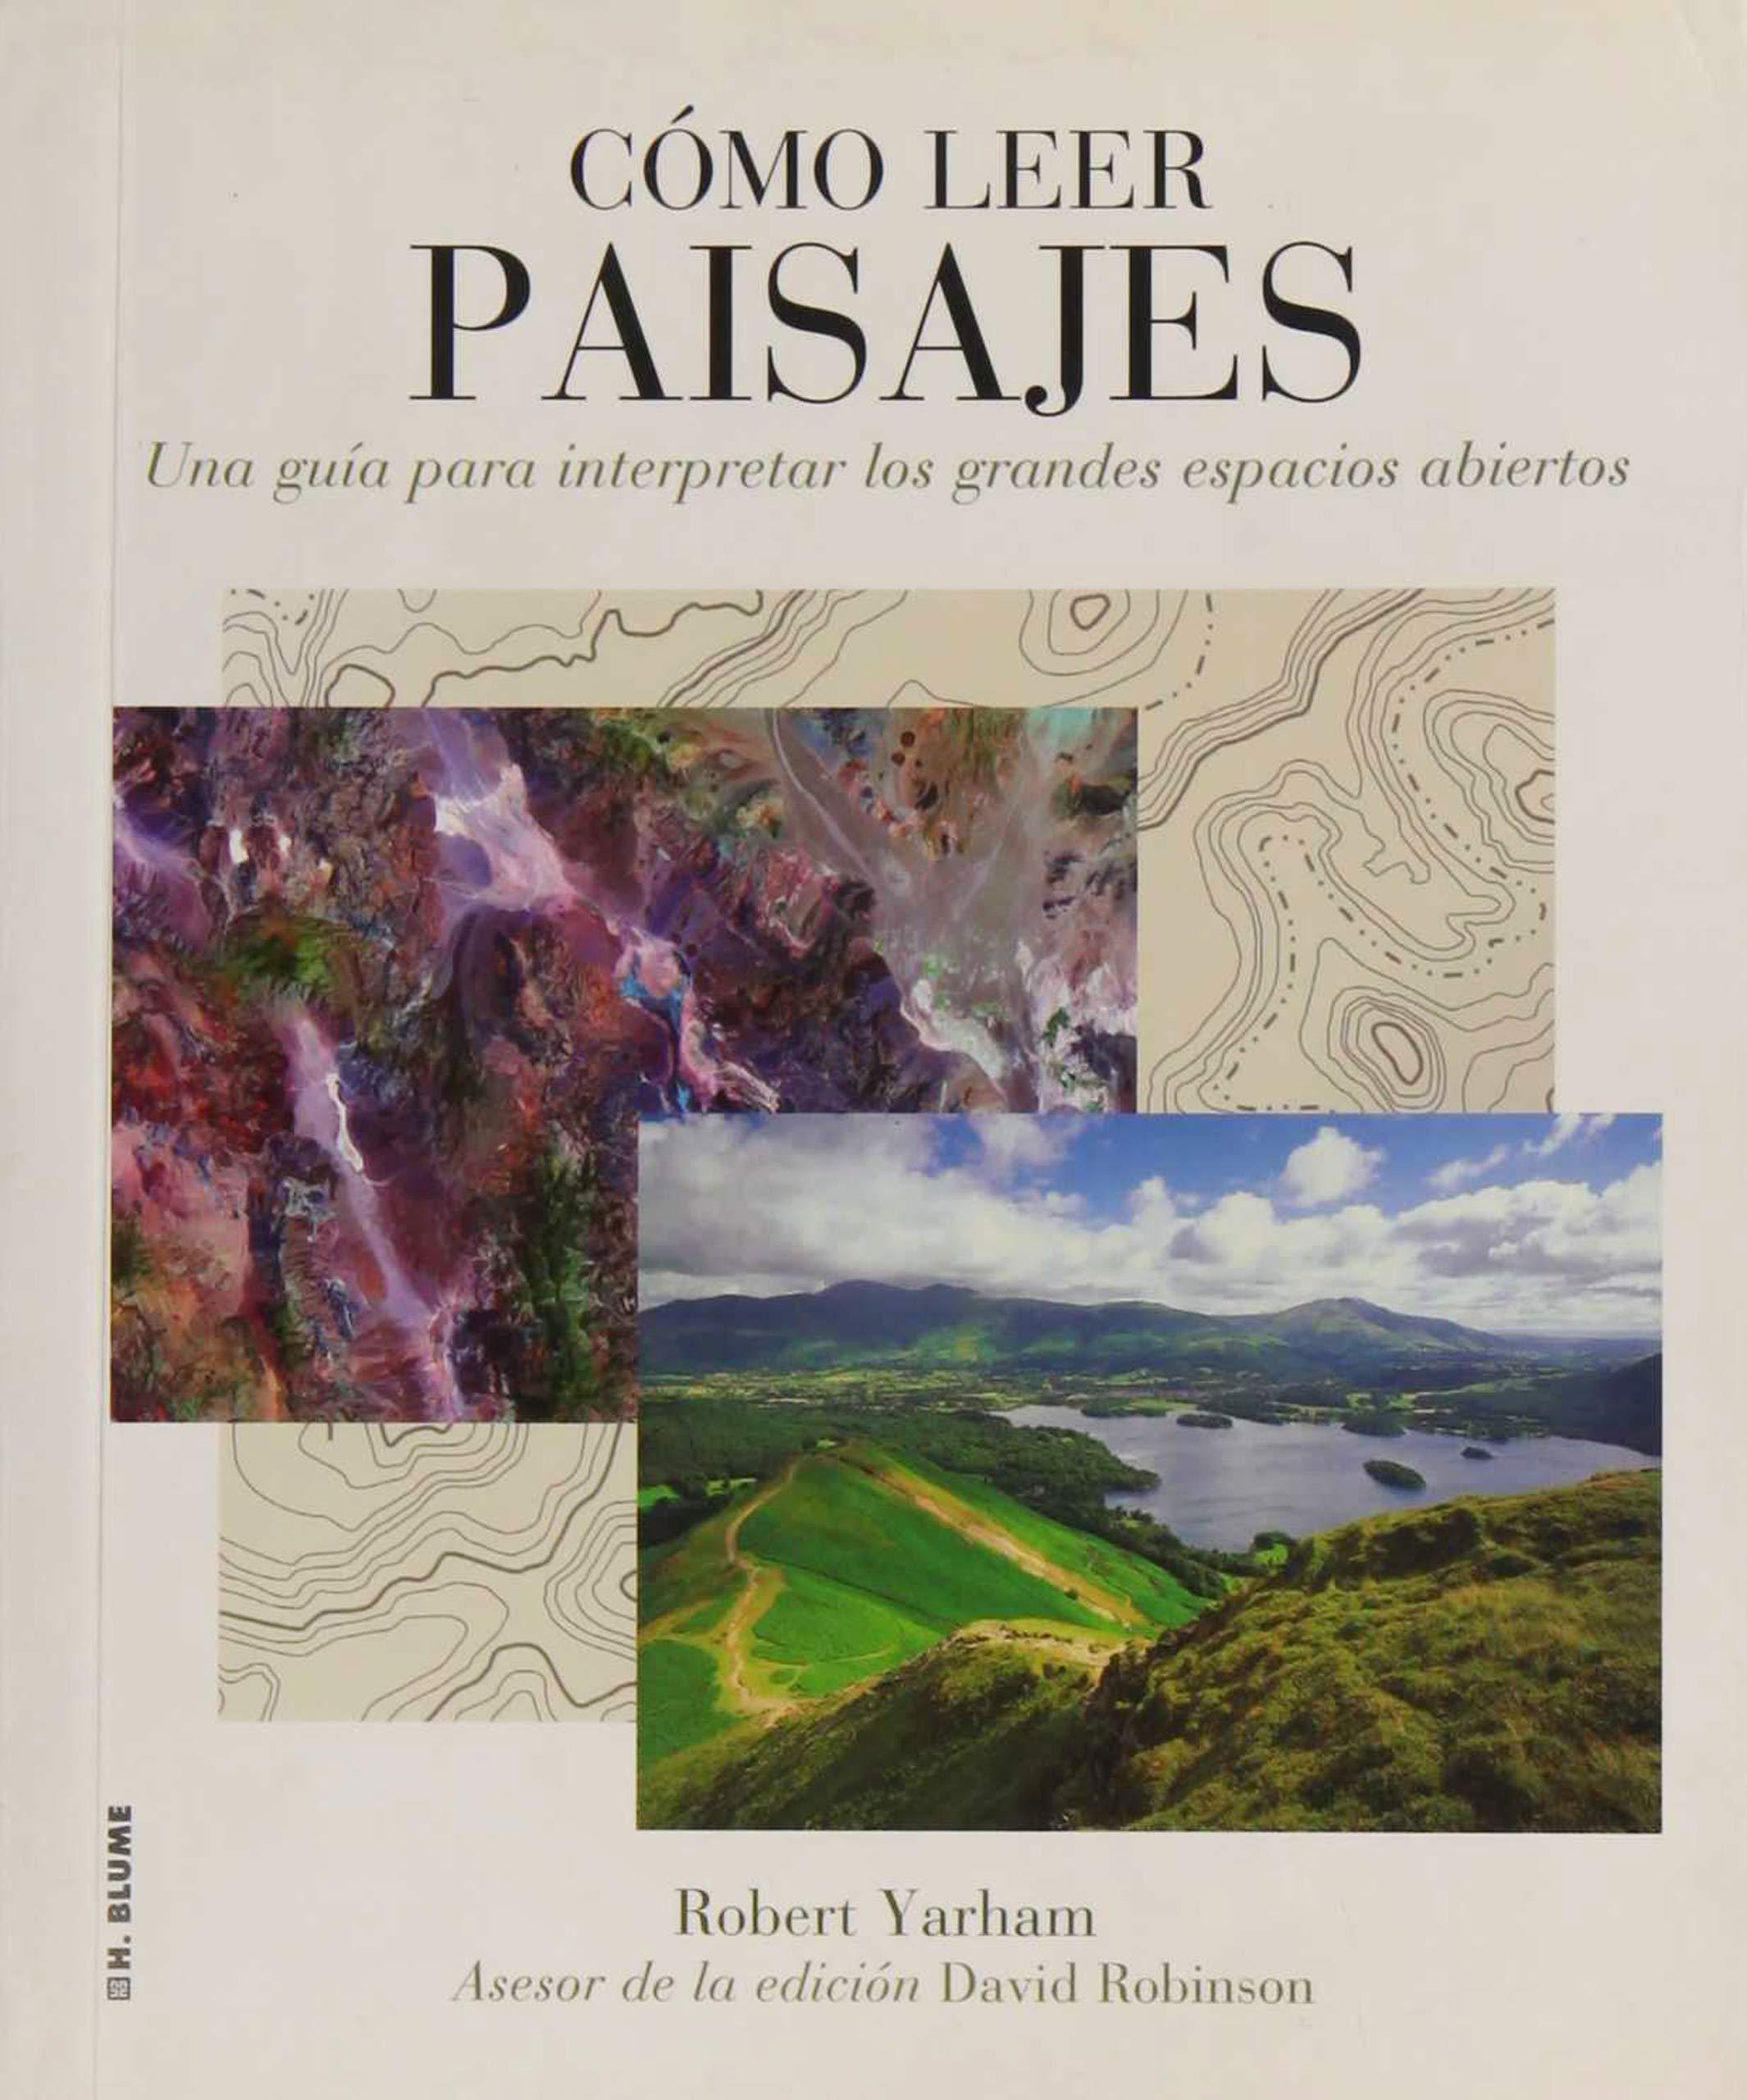 Cómo leer paisajes: Una guía para comprender los grandes espacios exteriores: 1: Amazon.es: Yarham, Robert, Momplet Chico, Ana: Libros